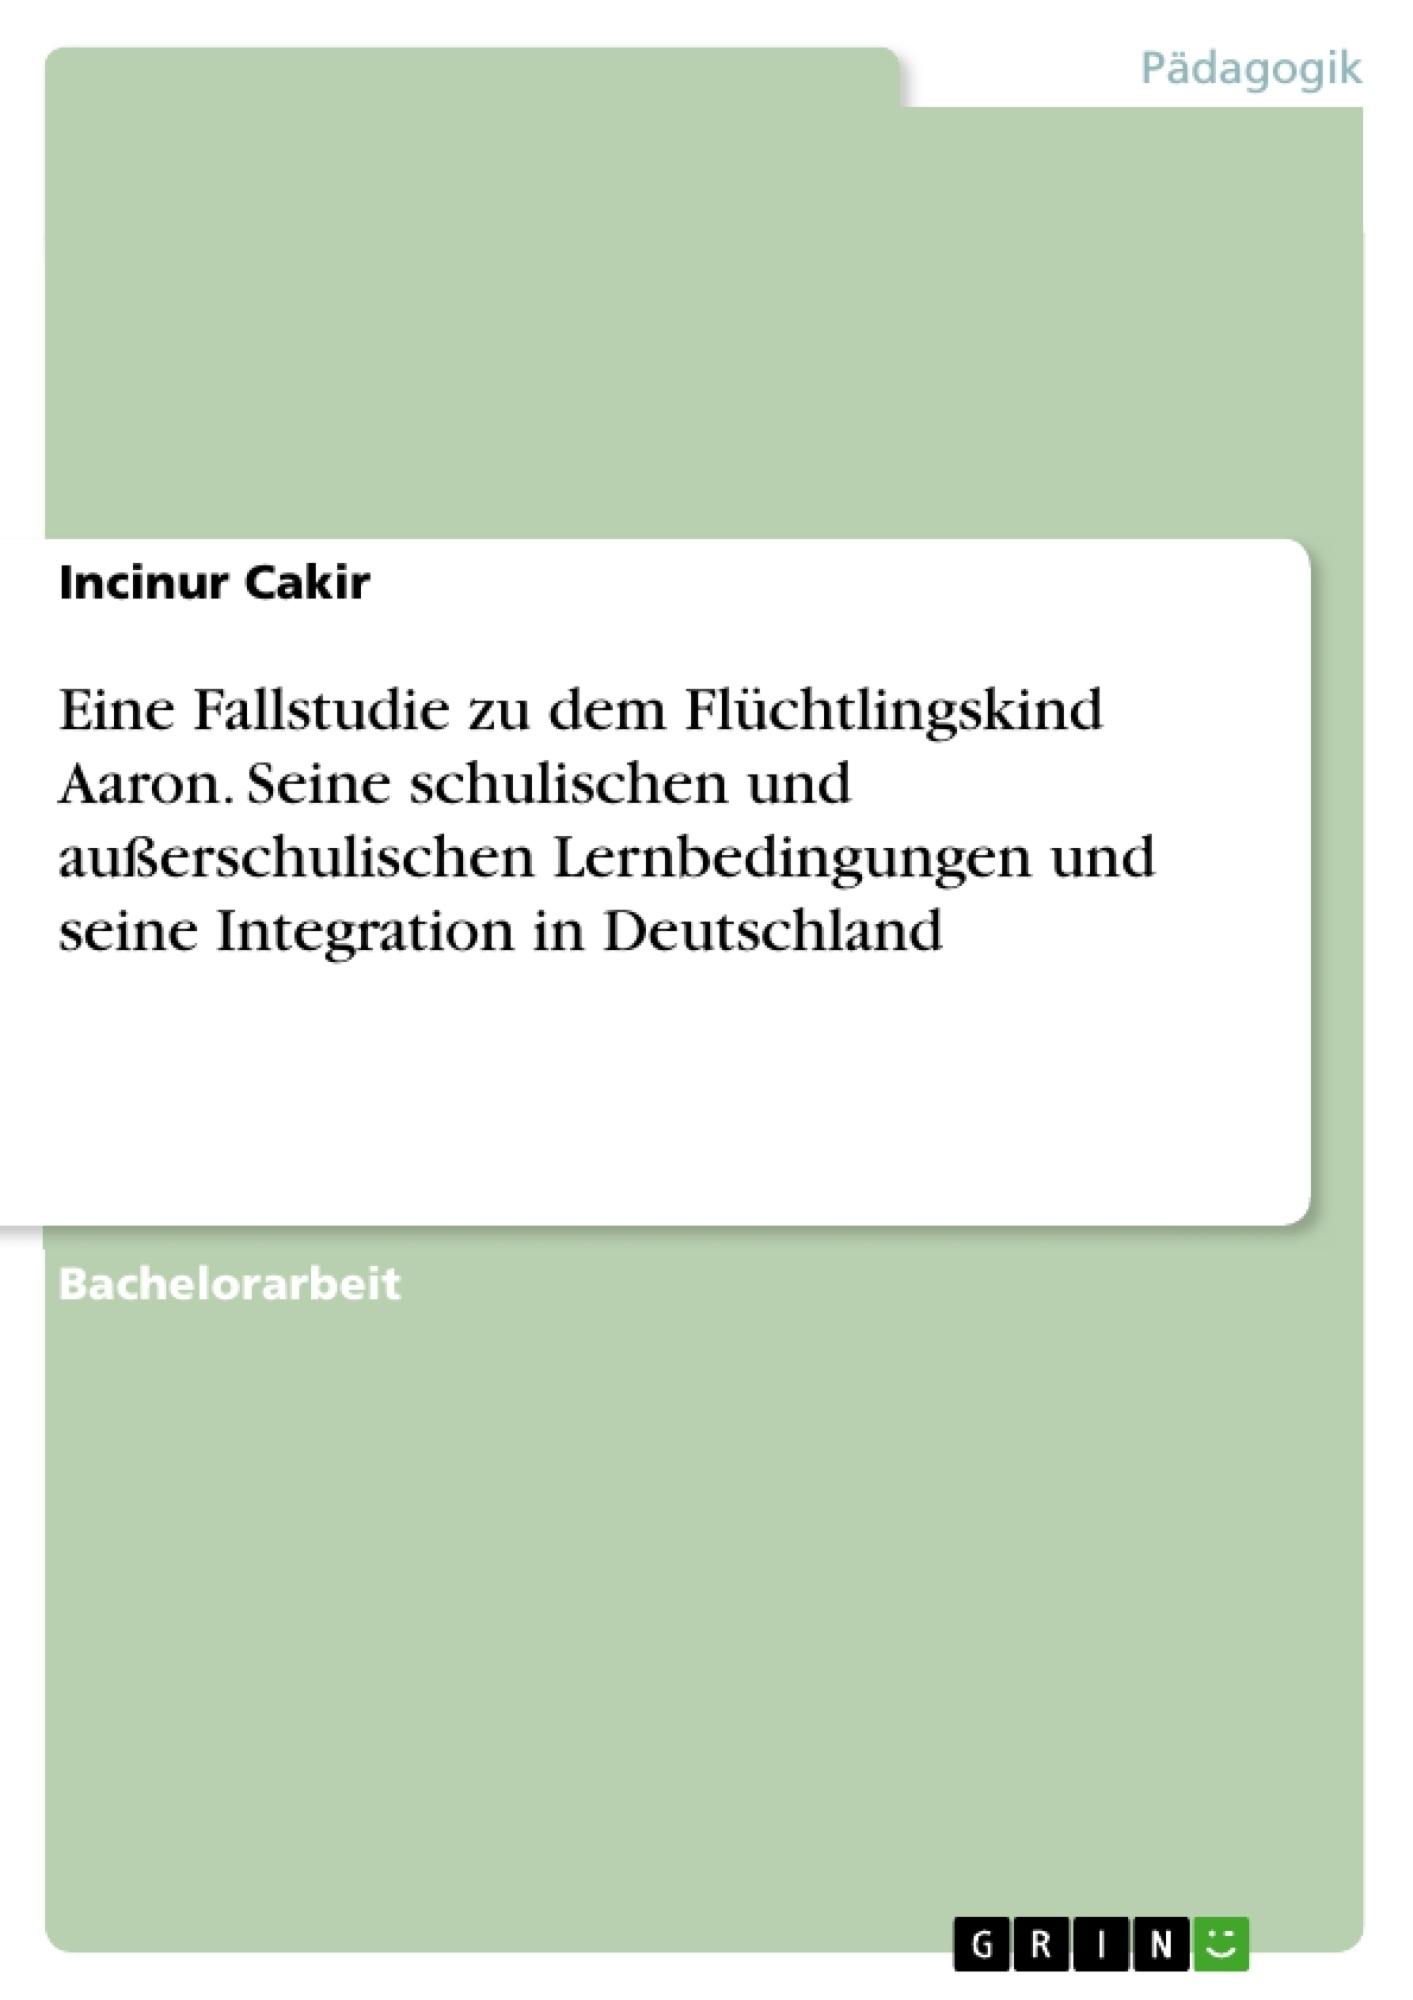 Titel: Eine Fallstudie zu dem Flüchtlingskind Aaron. Seine schulischen und außerschulischen Lernbedingungen und seine Integration in Deutschland